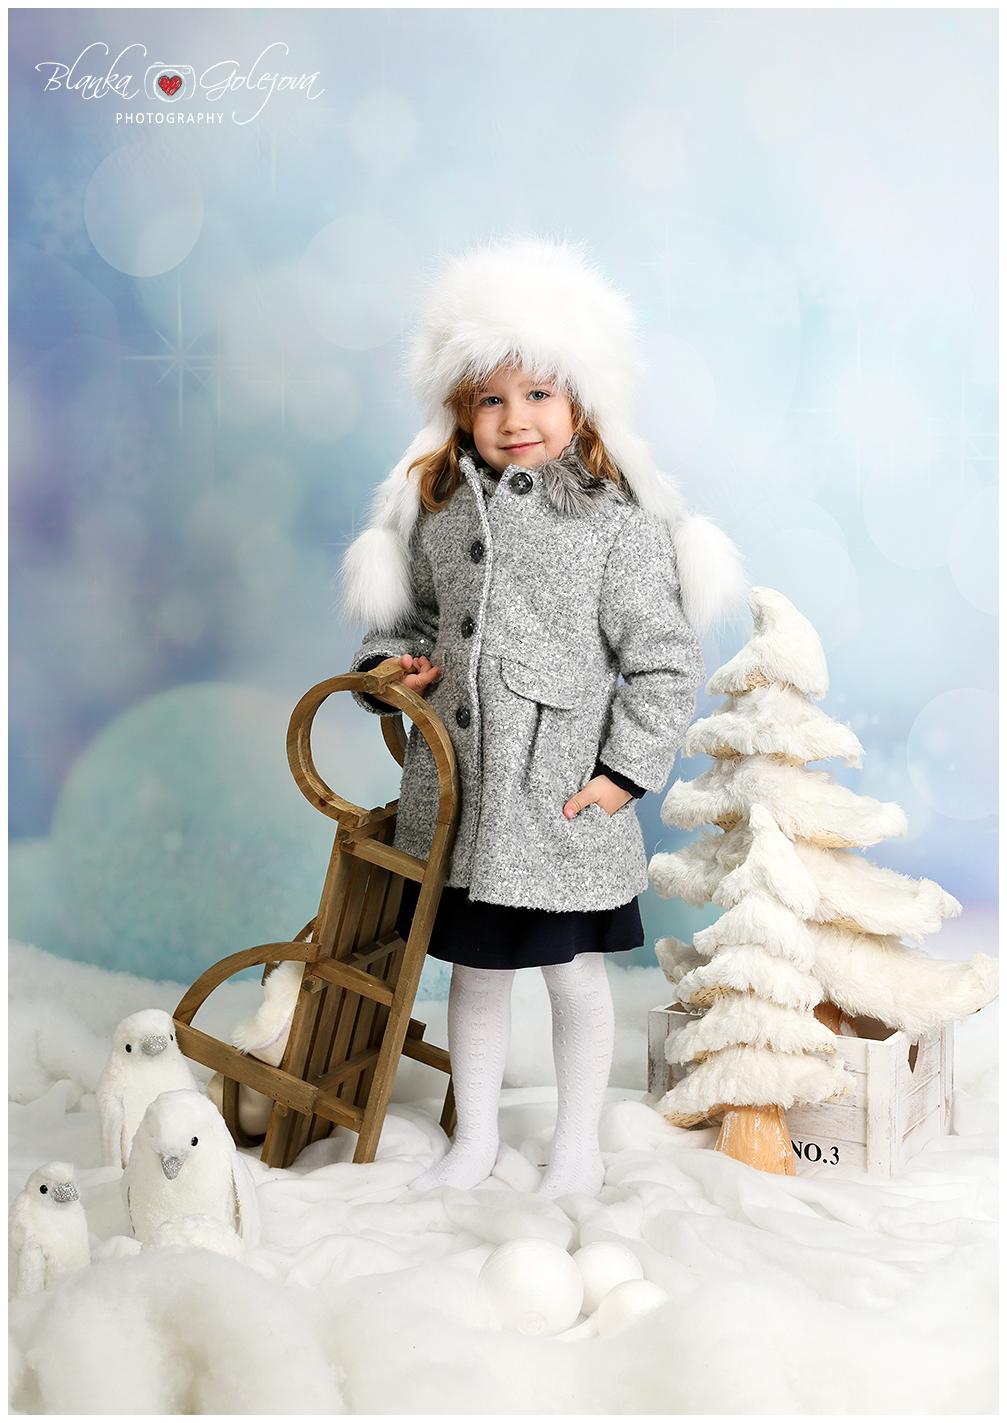 Fotky na vianocne pohladnice